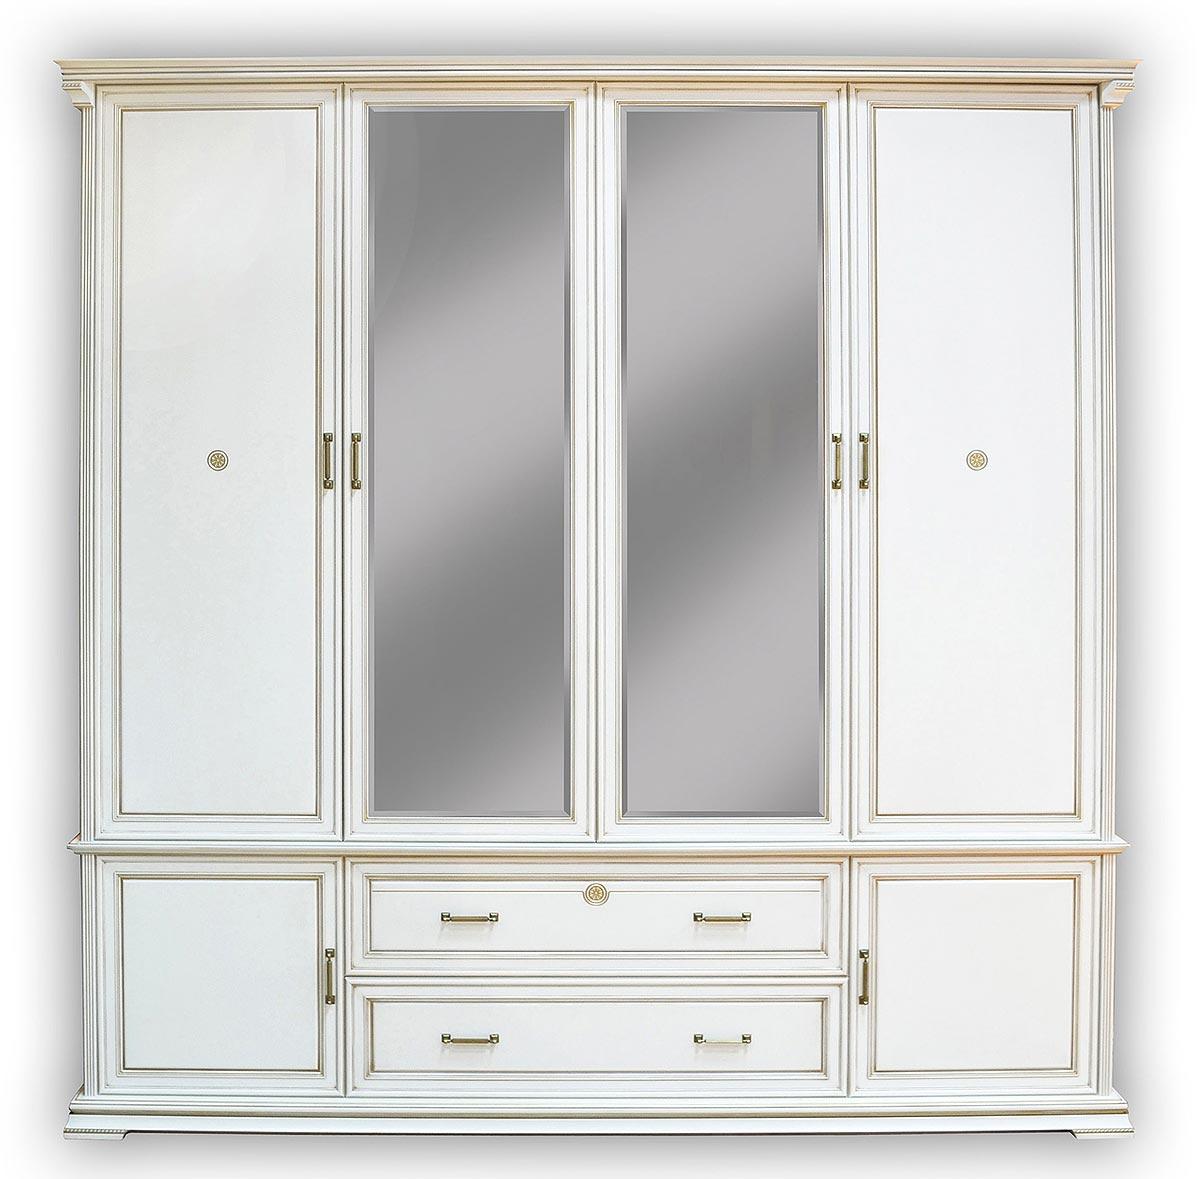 Шкаф 4х дверный Бэла Нижегородец, НМ 424.03